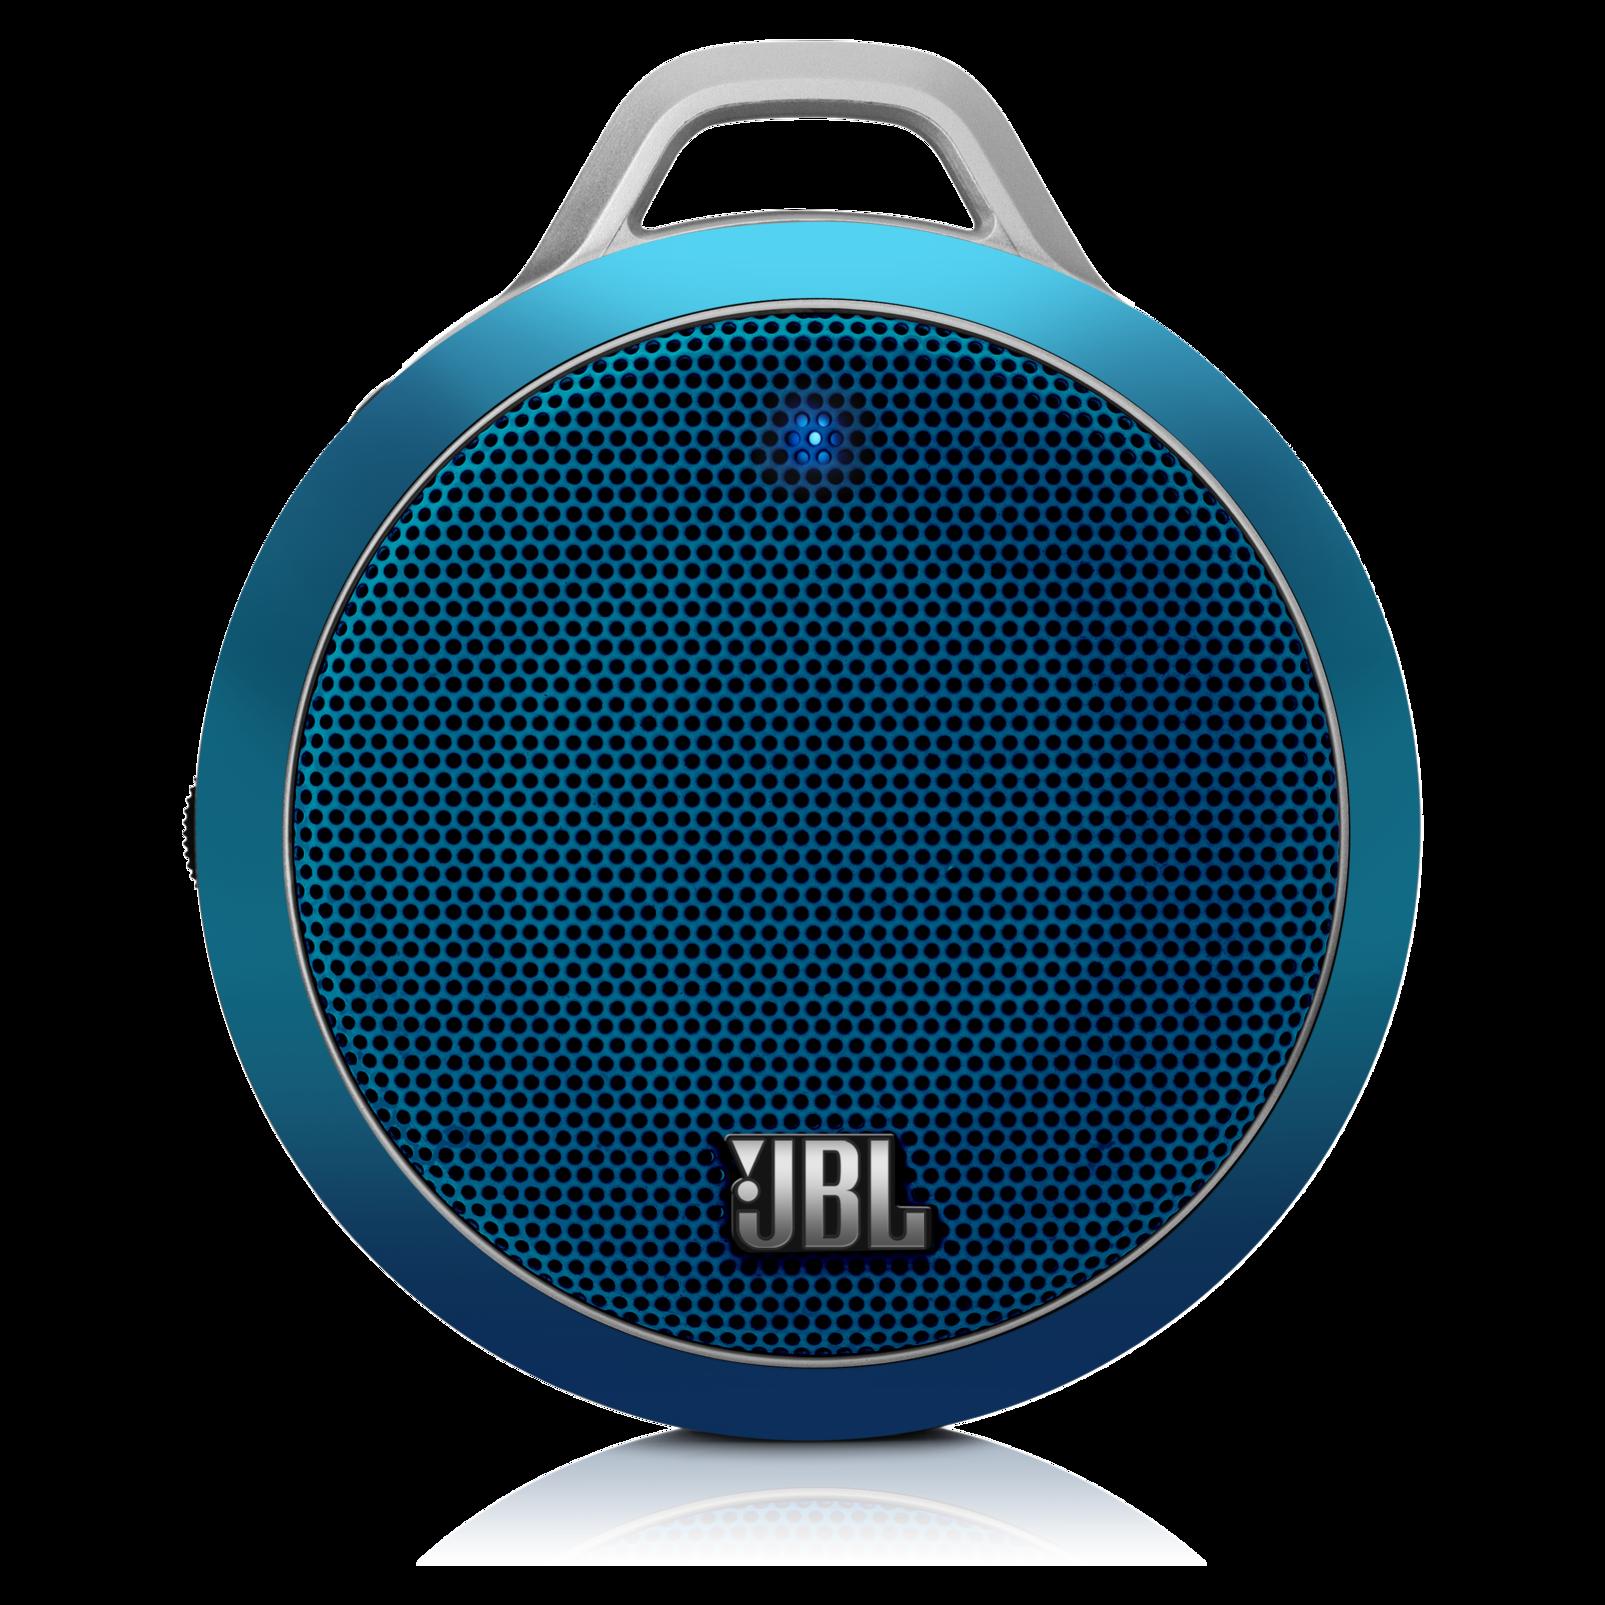 jbl micro wireless mini portable bluetooth speaker rh jbl com jbl micro wireless speaker manual jbl micro 2 user manual